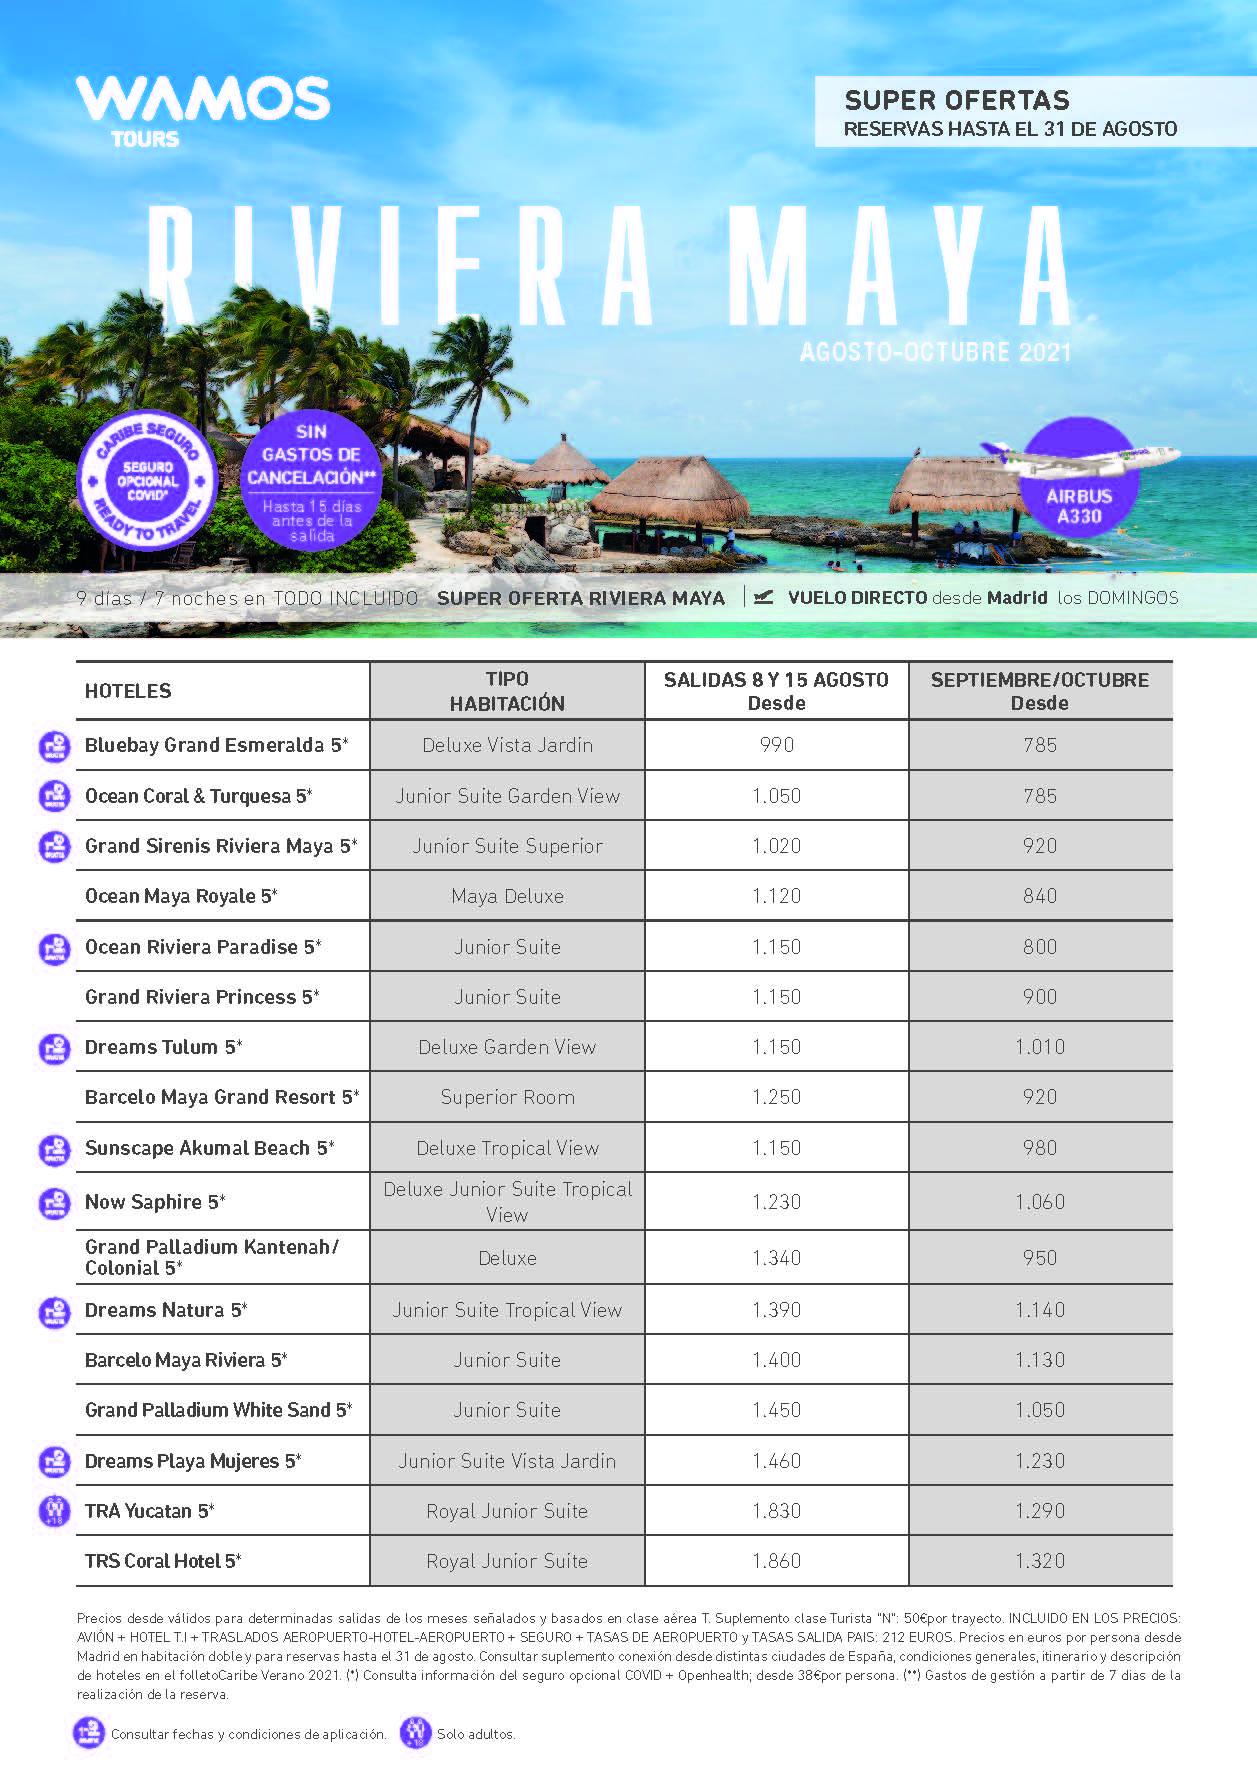 Ofertas Wamos Tours Riviera Maya Agosto Septiembre y Octubre 2021 reservas hasta 31 Agosto